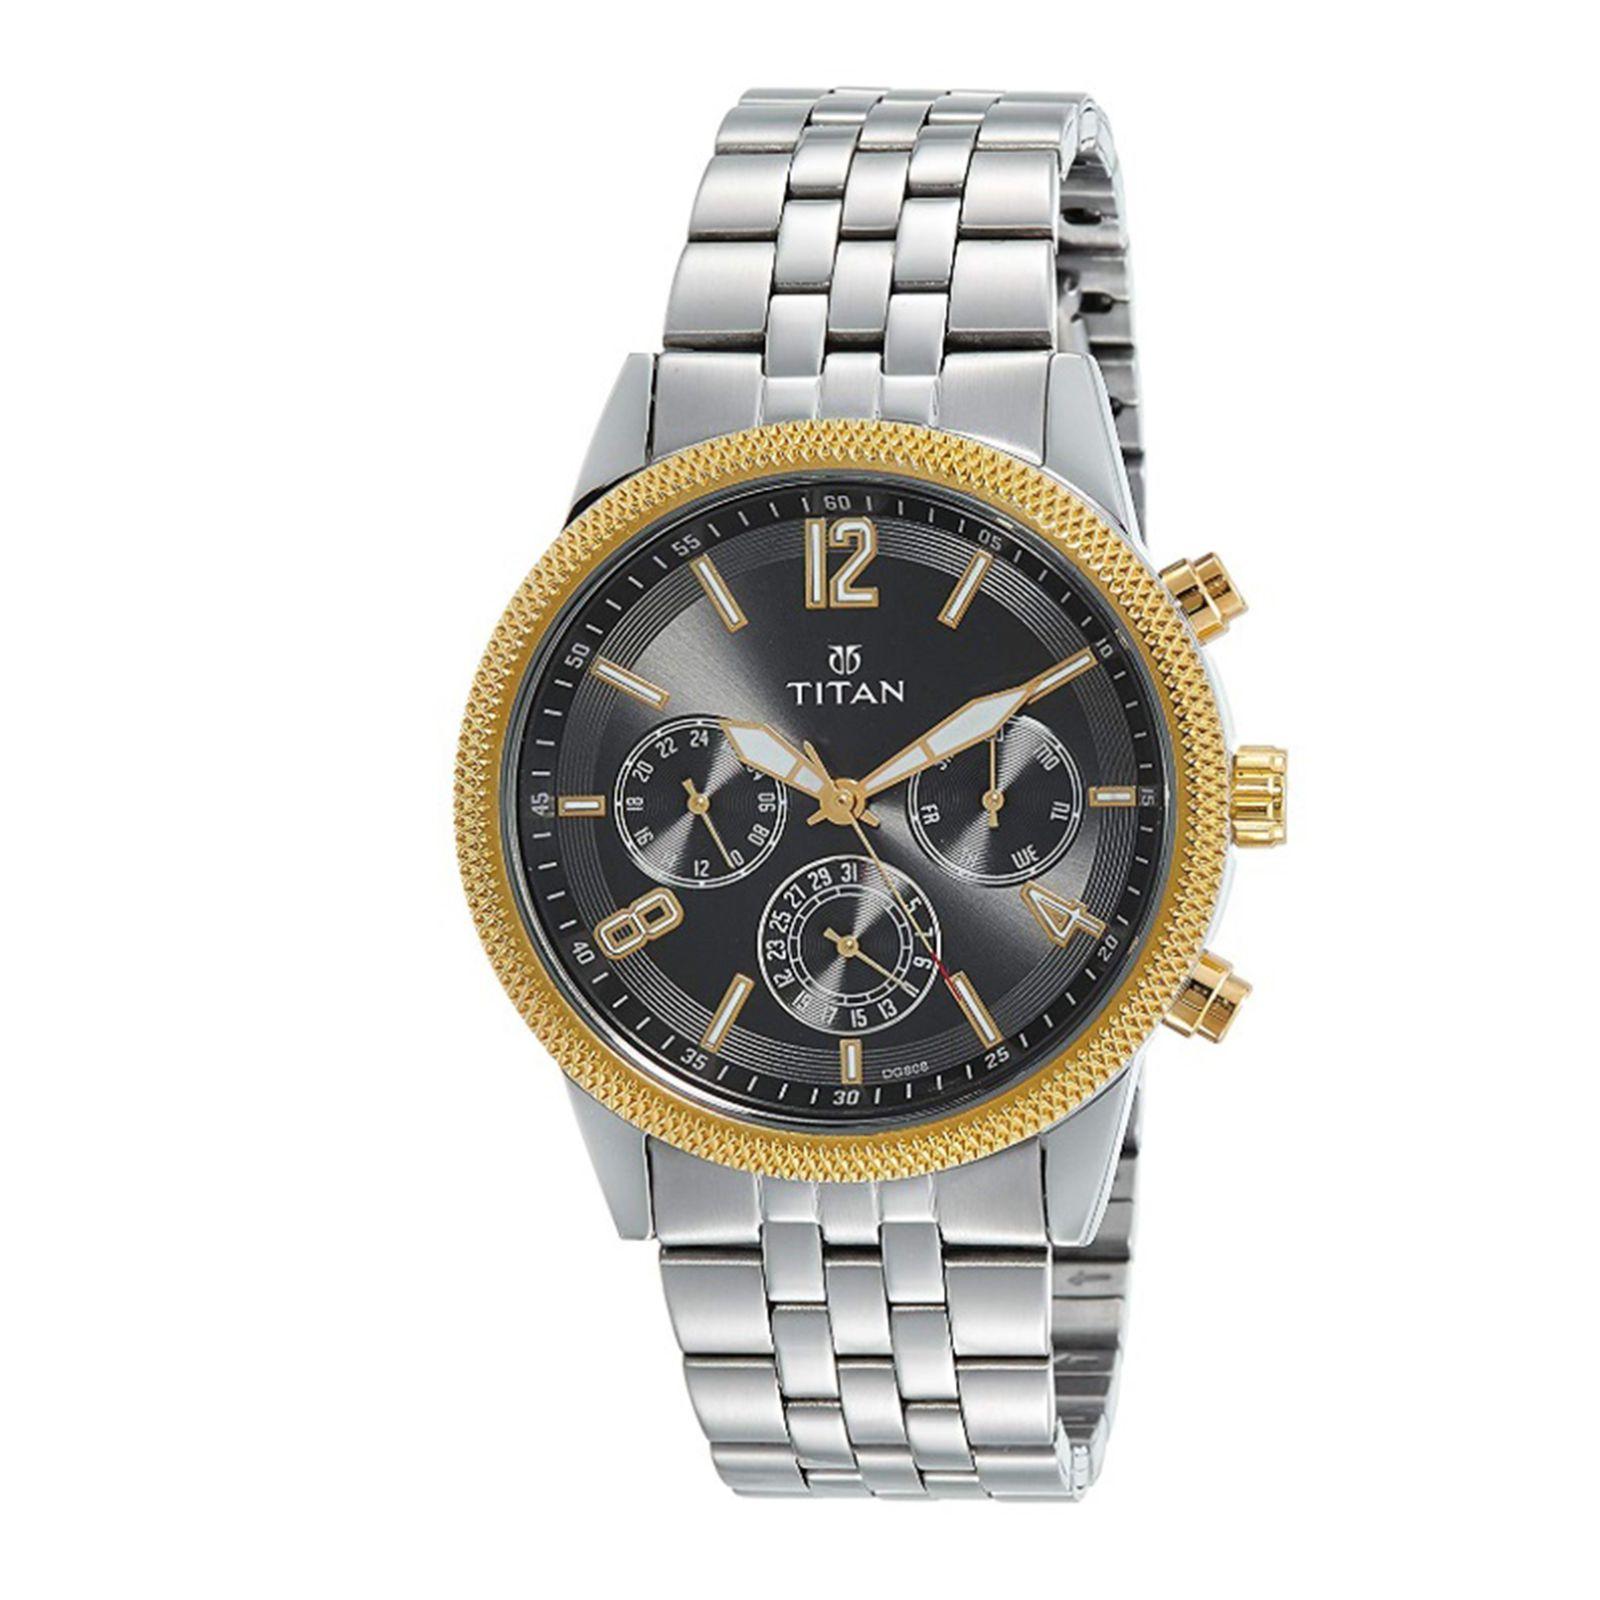 ساعت مچی عقربه ای مردانه تیتان مدل T1734BM01 -  - 2